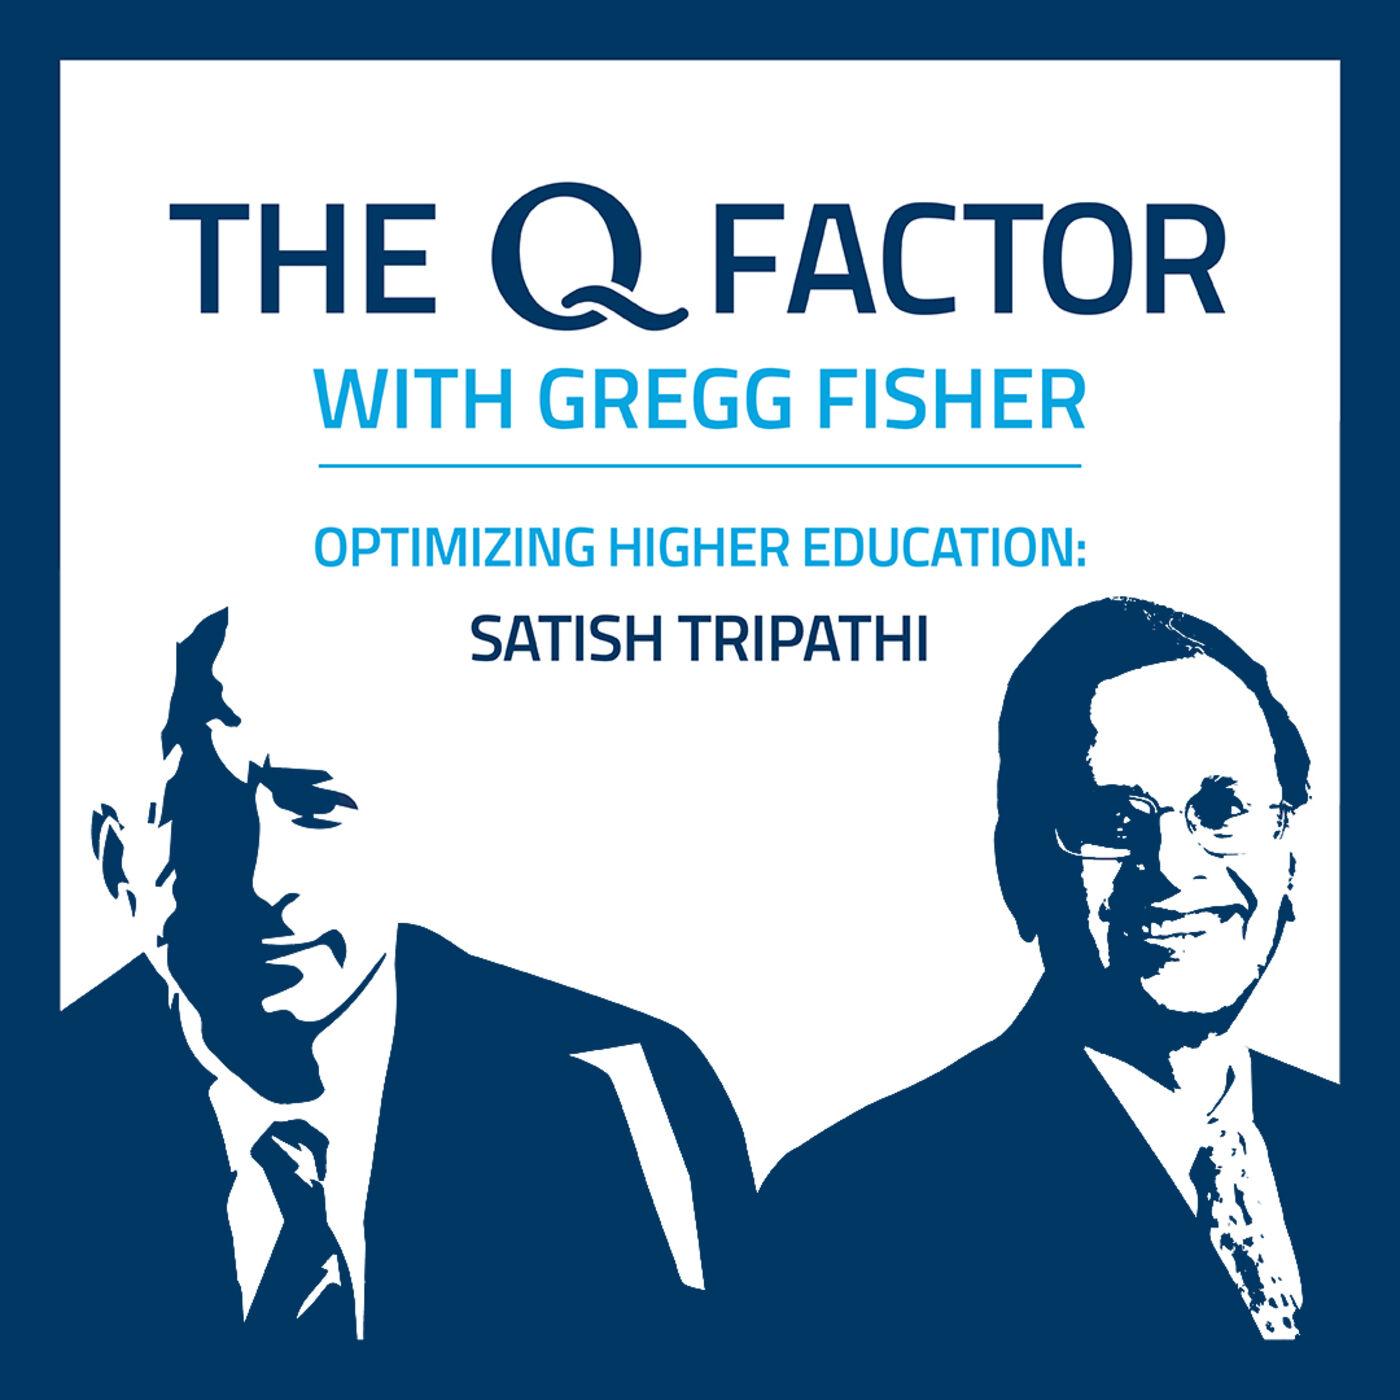 Satish Tripathi: Optimizing Higher Education